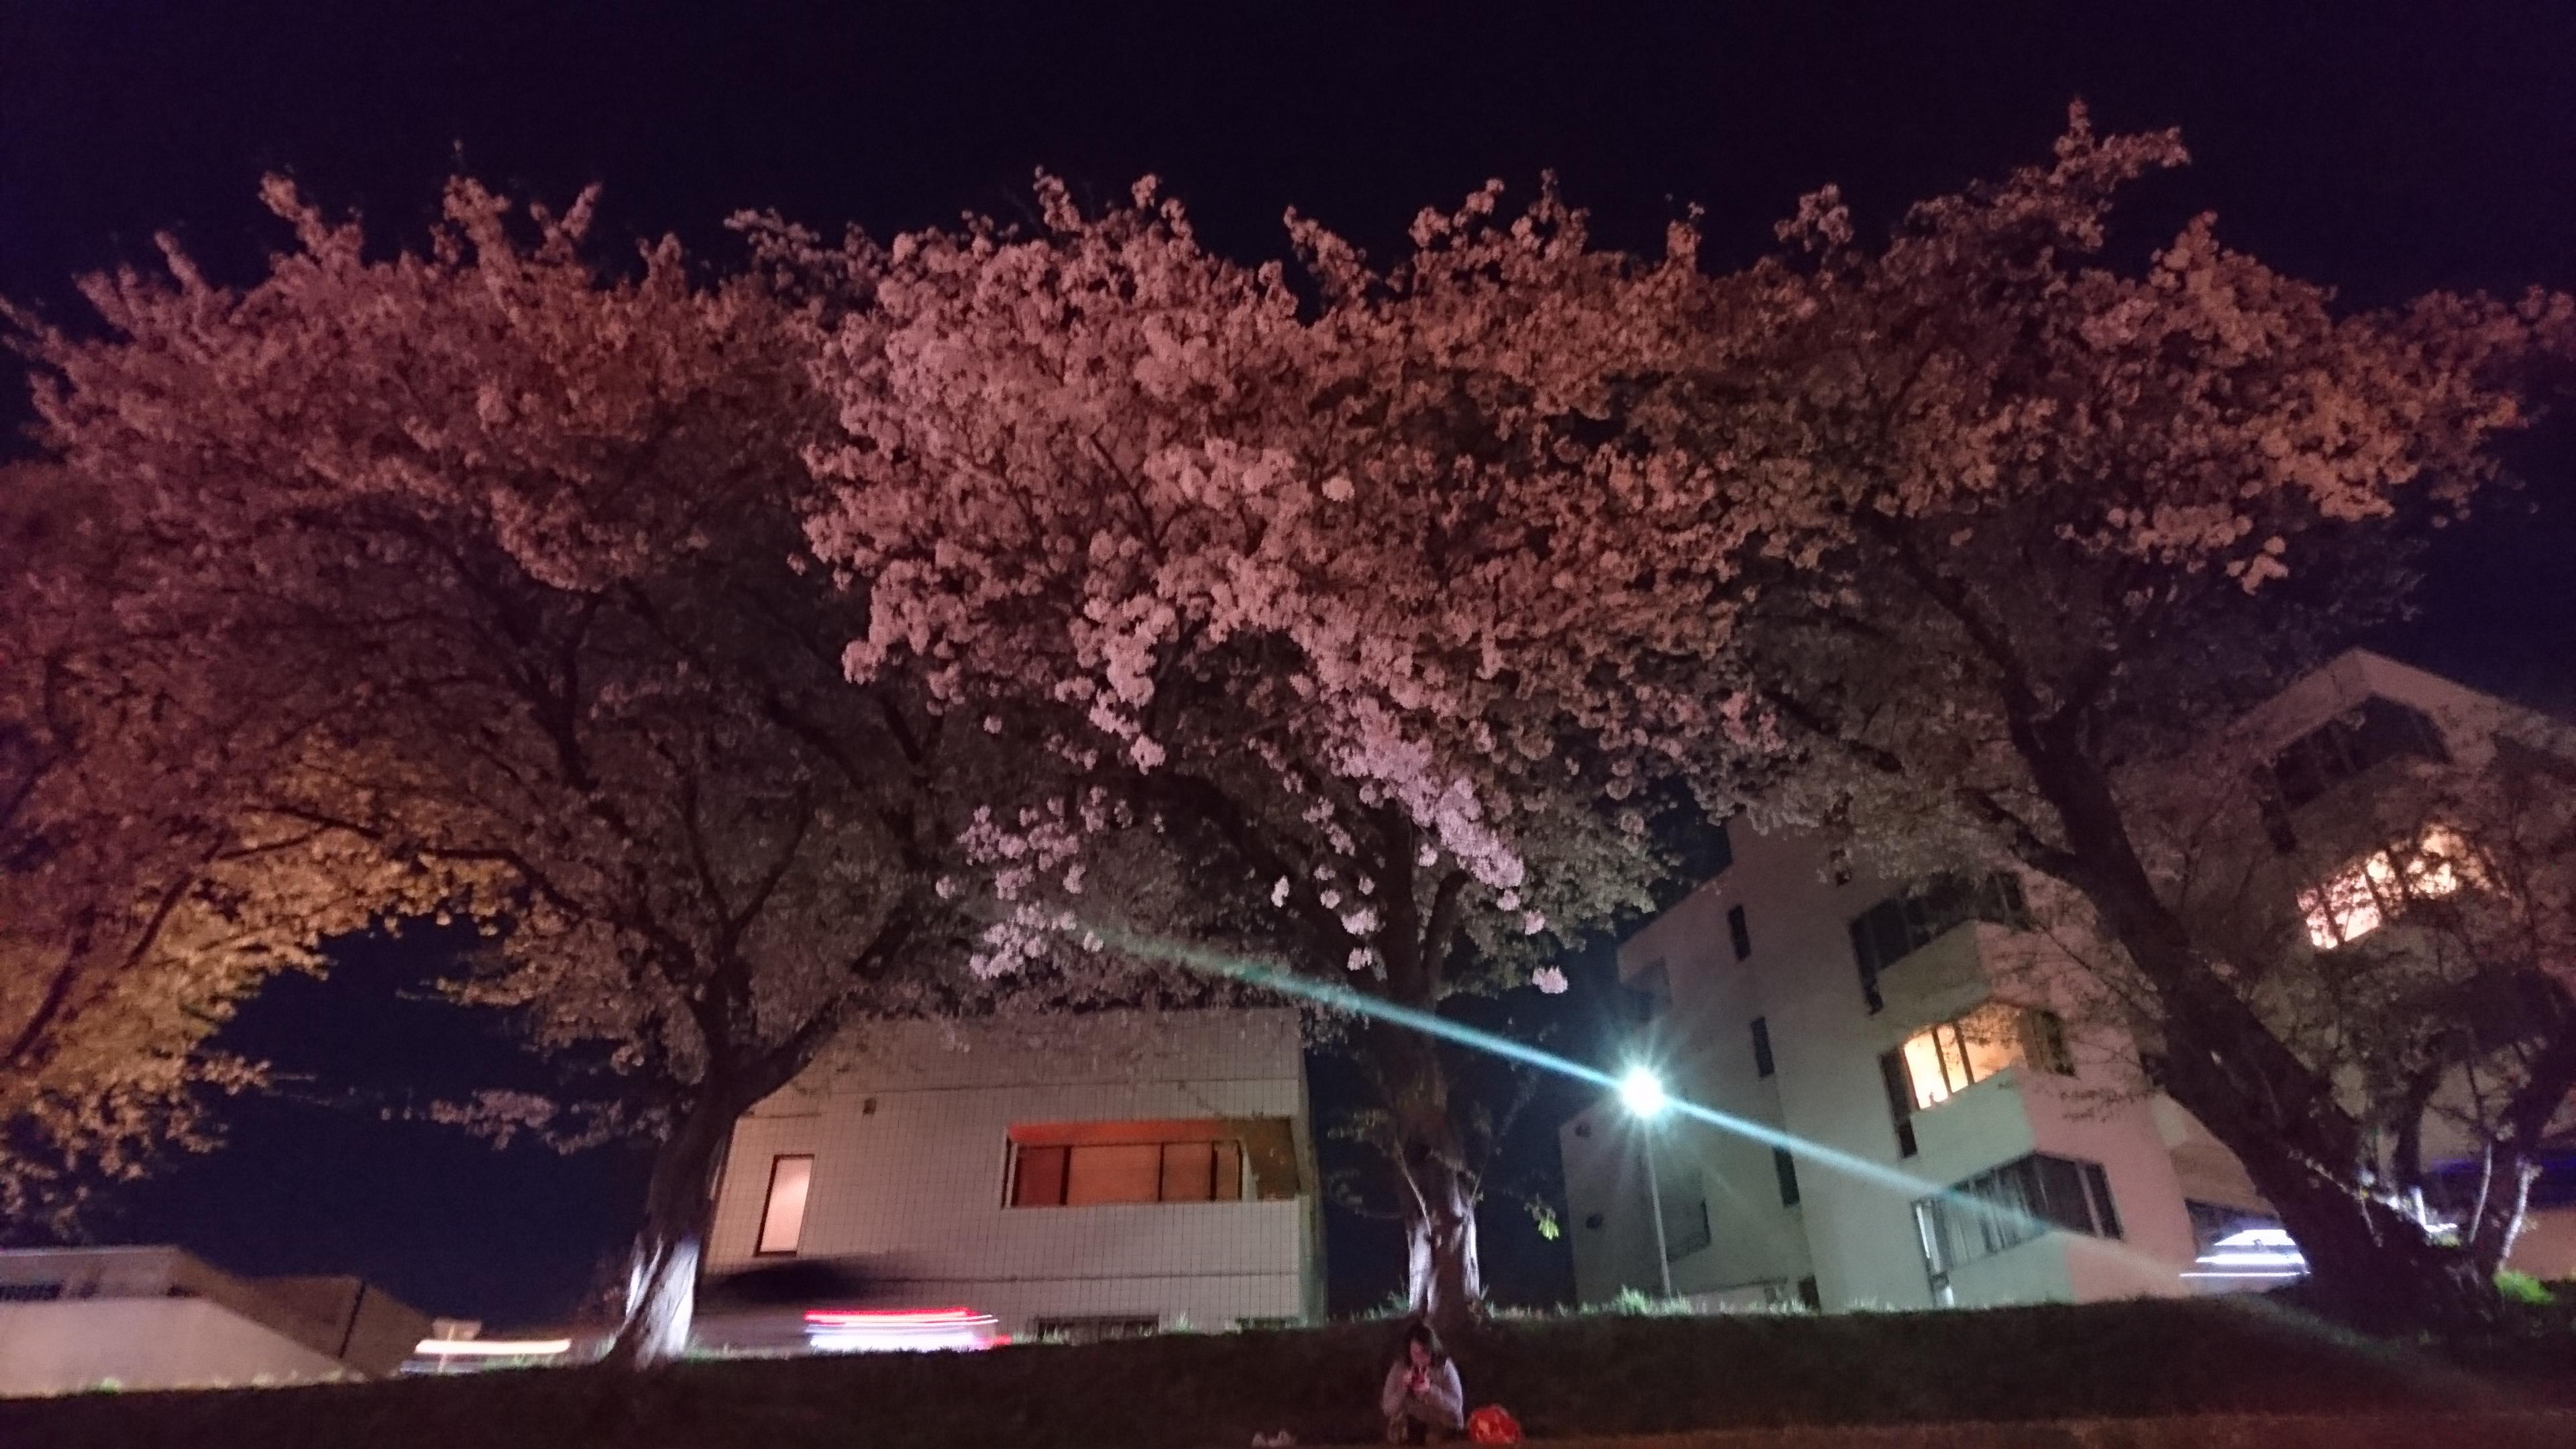 岡山、改築、改装、新築、中古、香川、リフォーム、リノベーション、修理、修繕、増築、桜、花見、